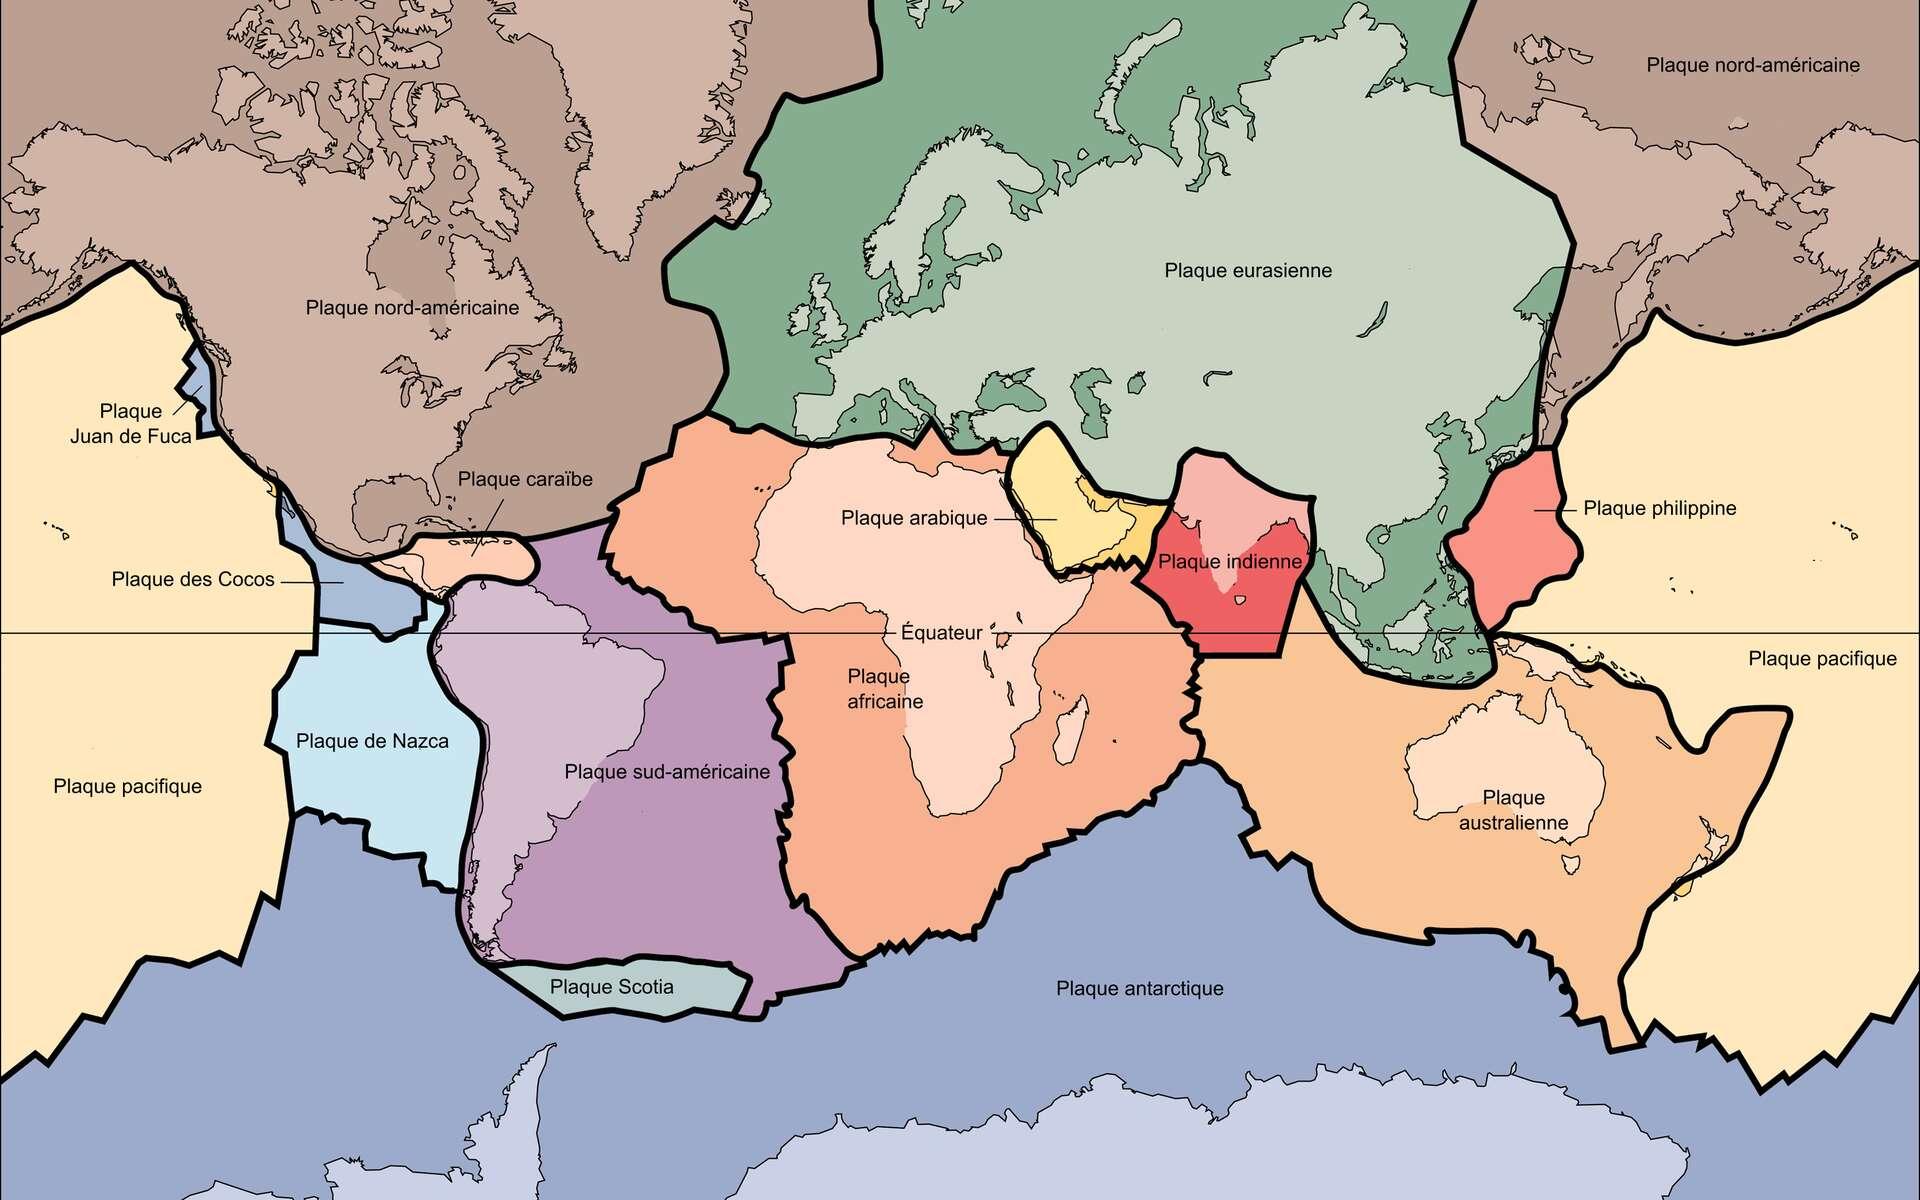 Cette carte représente les principales plaques tectoniques de la Terre. Les surfaces sont déformées par la projection de Mercator. Comment ces plaques se sont-elles formées ? Une nouvelle étude montre qu'il s'agirait d'un équilibre entre des mouvements rapides de convection du manteau terrestre et une cicatrisation plus lente. © Wikimedia Commons, DP